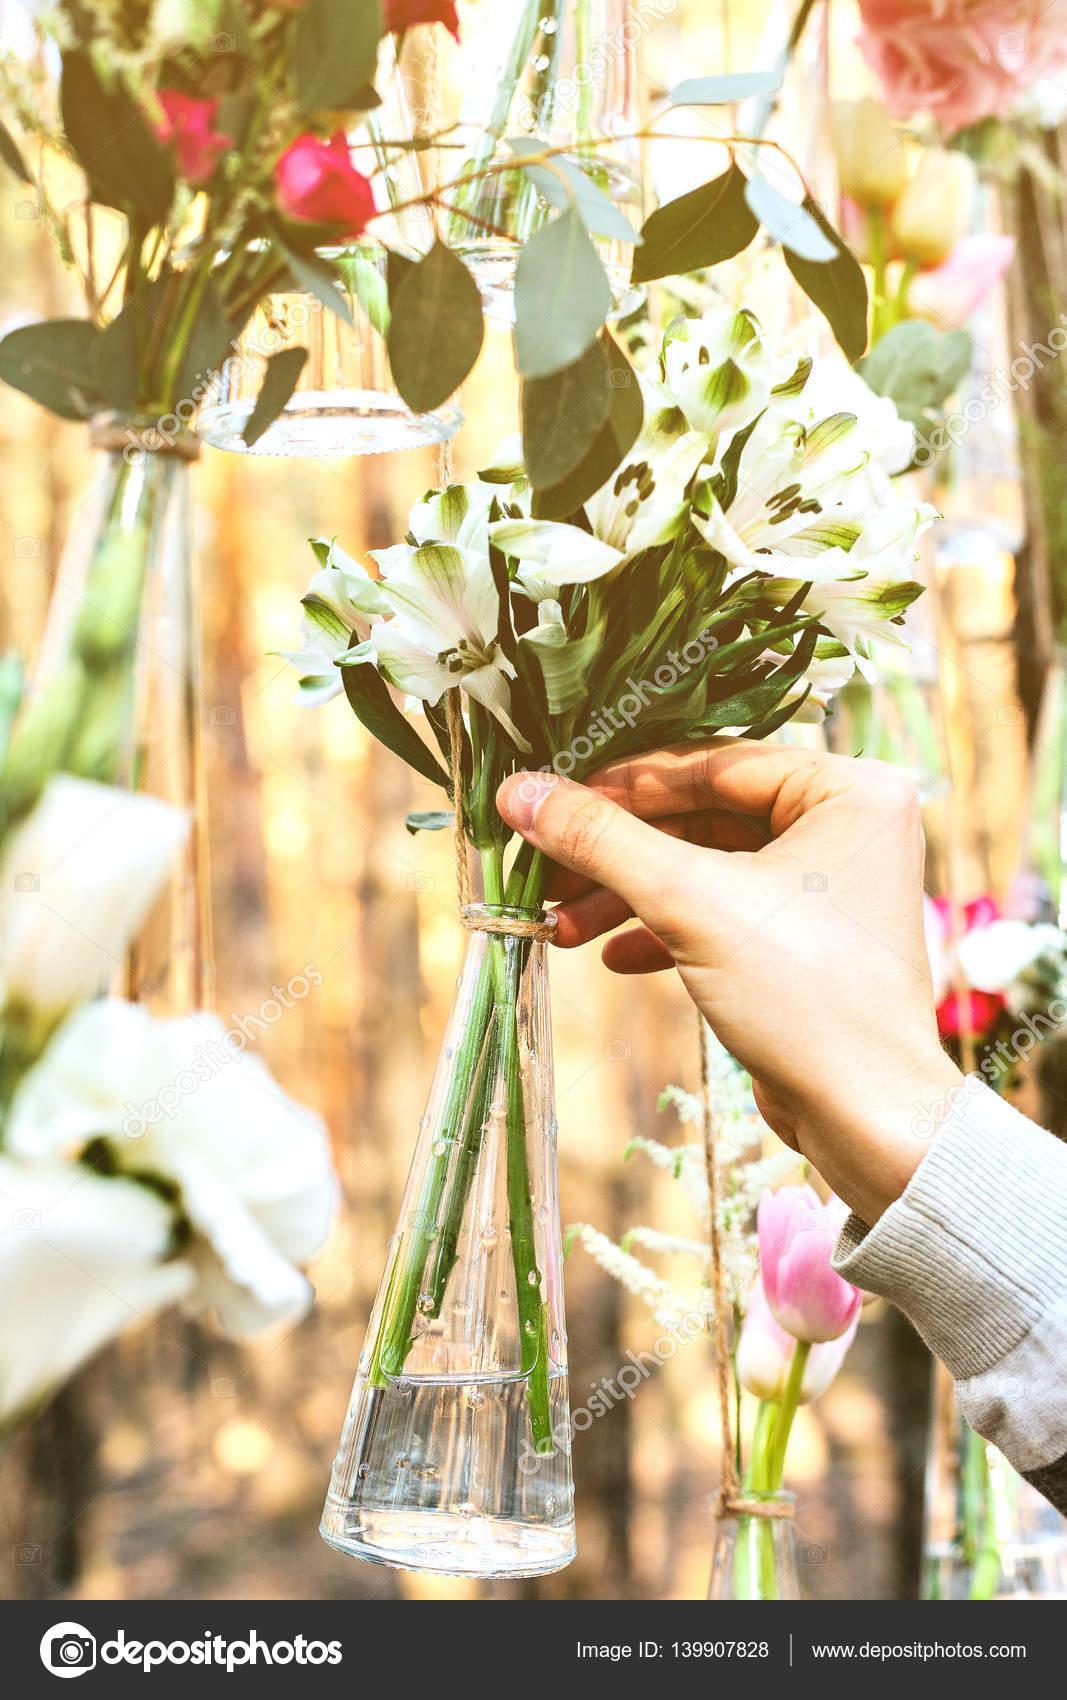 arc de fleurs d coration de mariage dans la for t l id e d une d coration florale de mariage. Black Bedroom Furniture Sets. Home Design Ideas